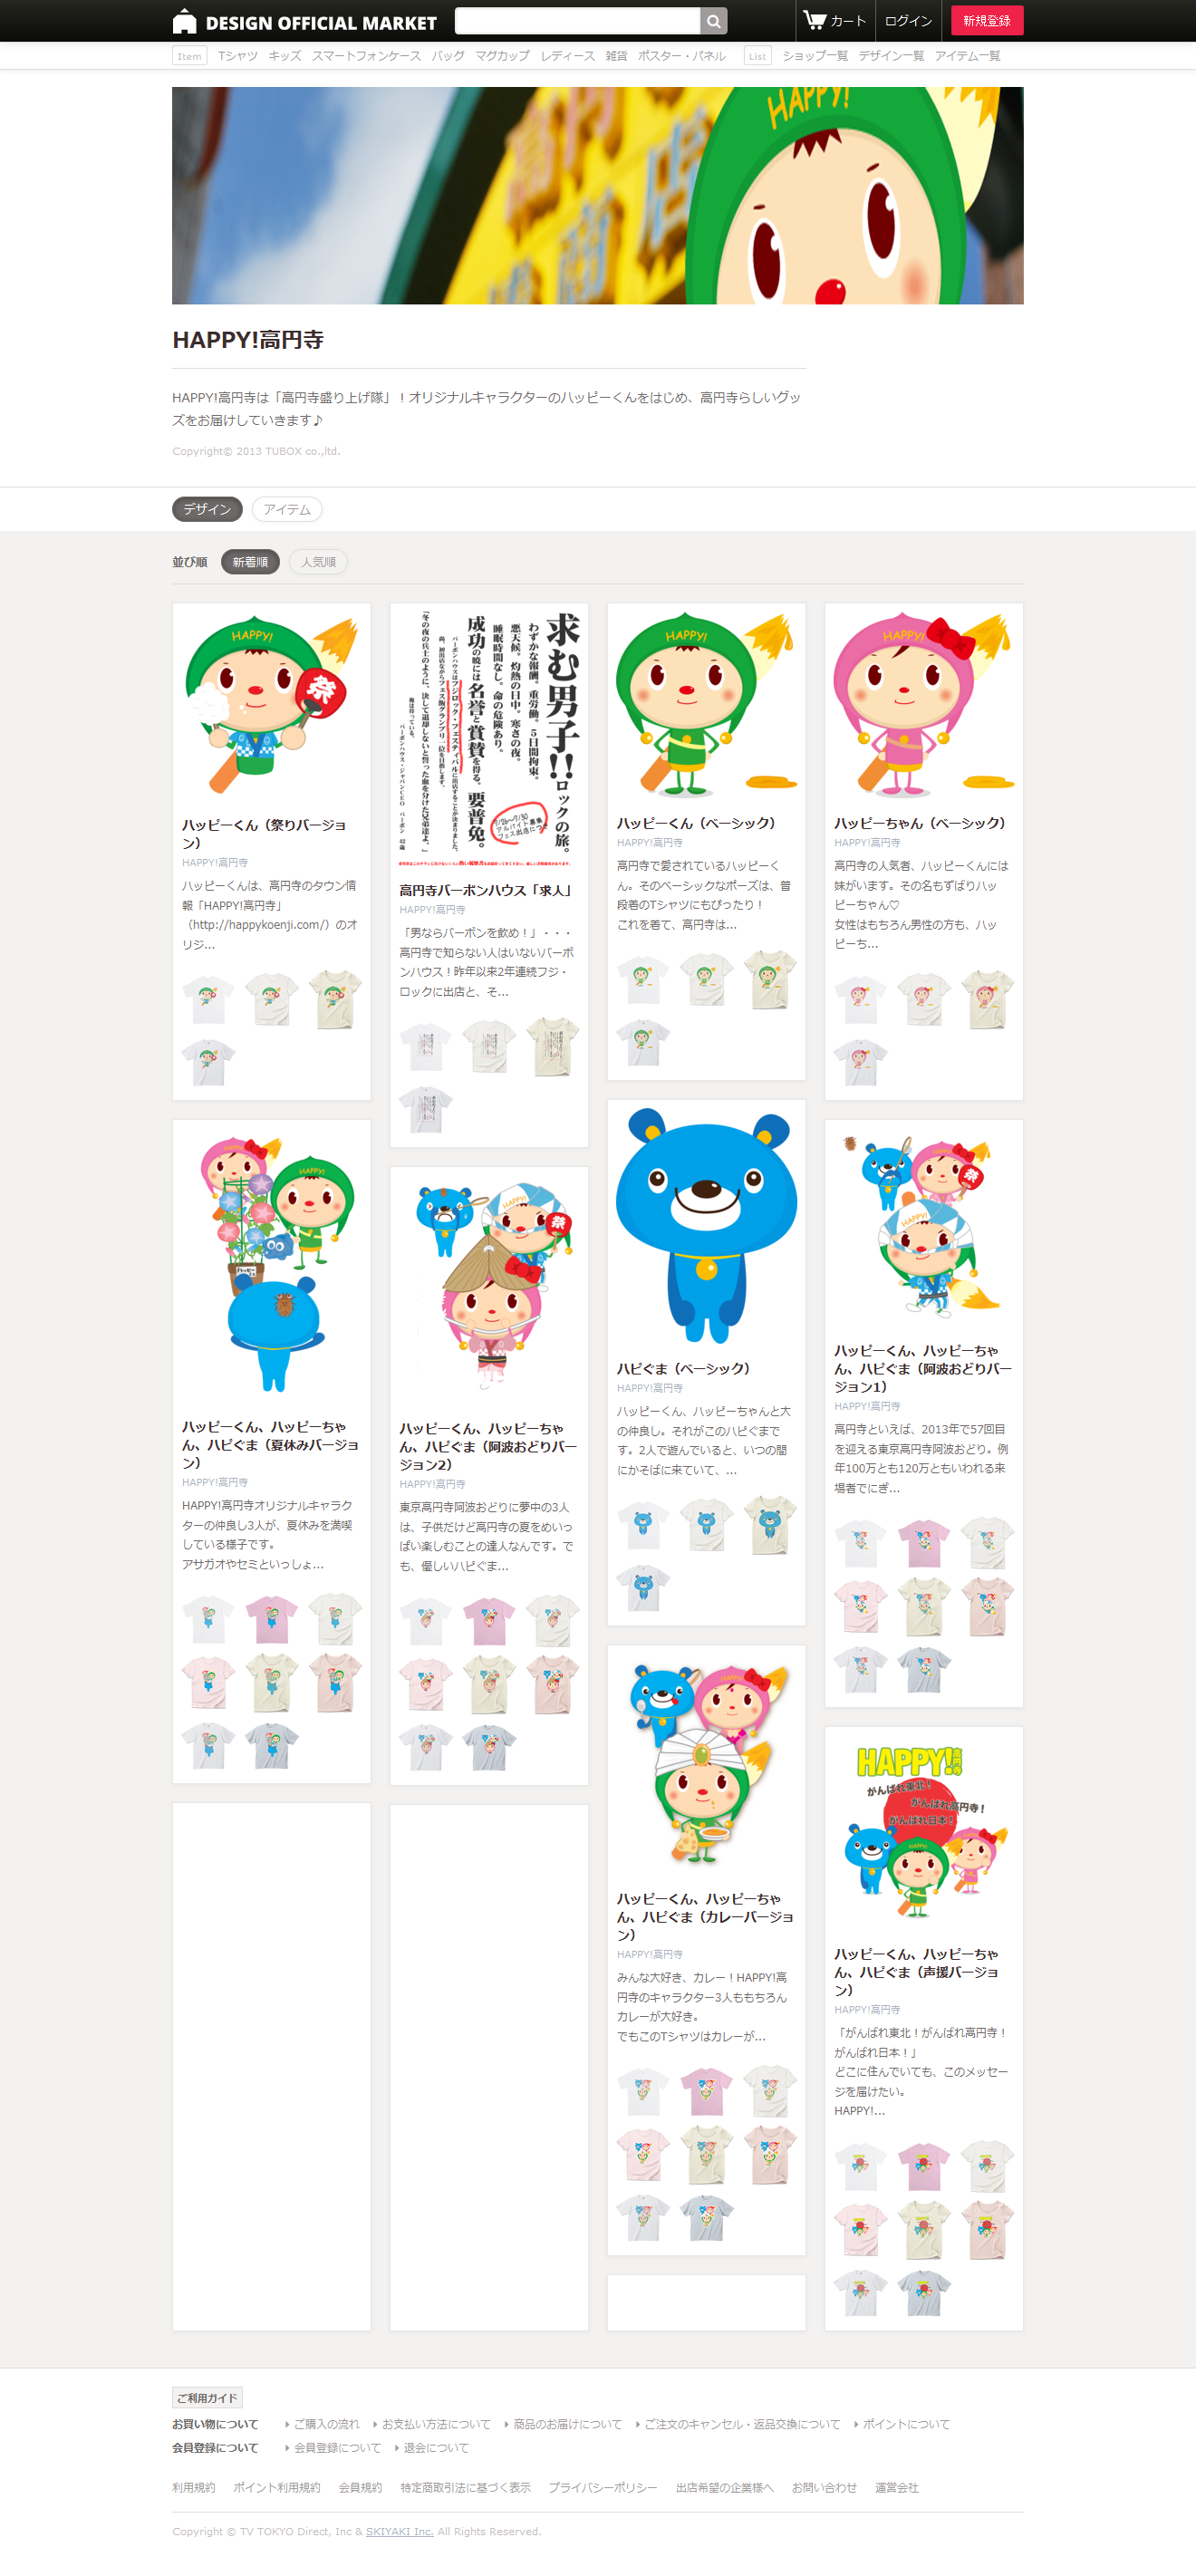 デザイン・オフィシャル・マーケット「HAPPY!高円寺」